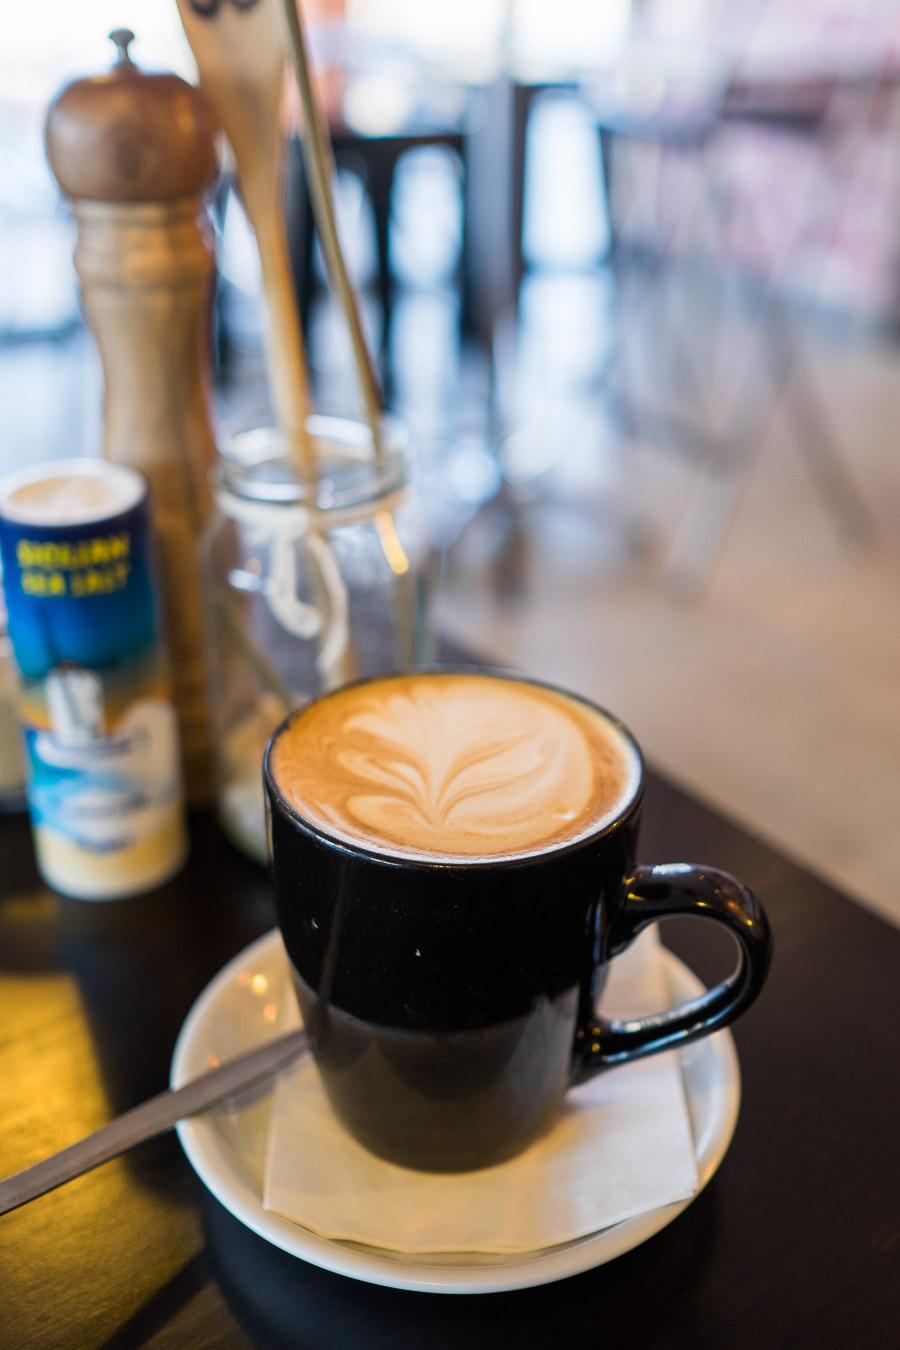 Soy flat white in a mug (mug coffee AU$5.40, soy milk  40 cents).